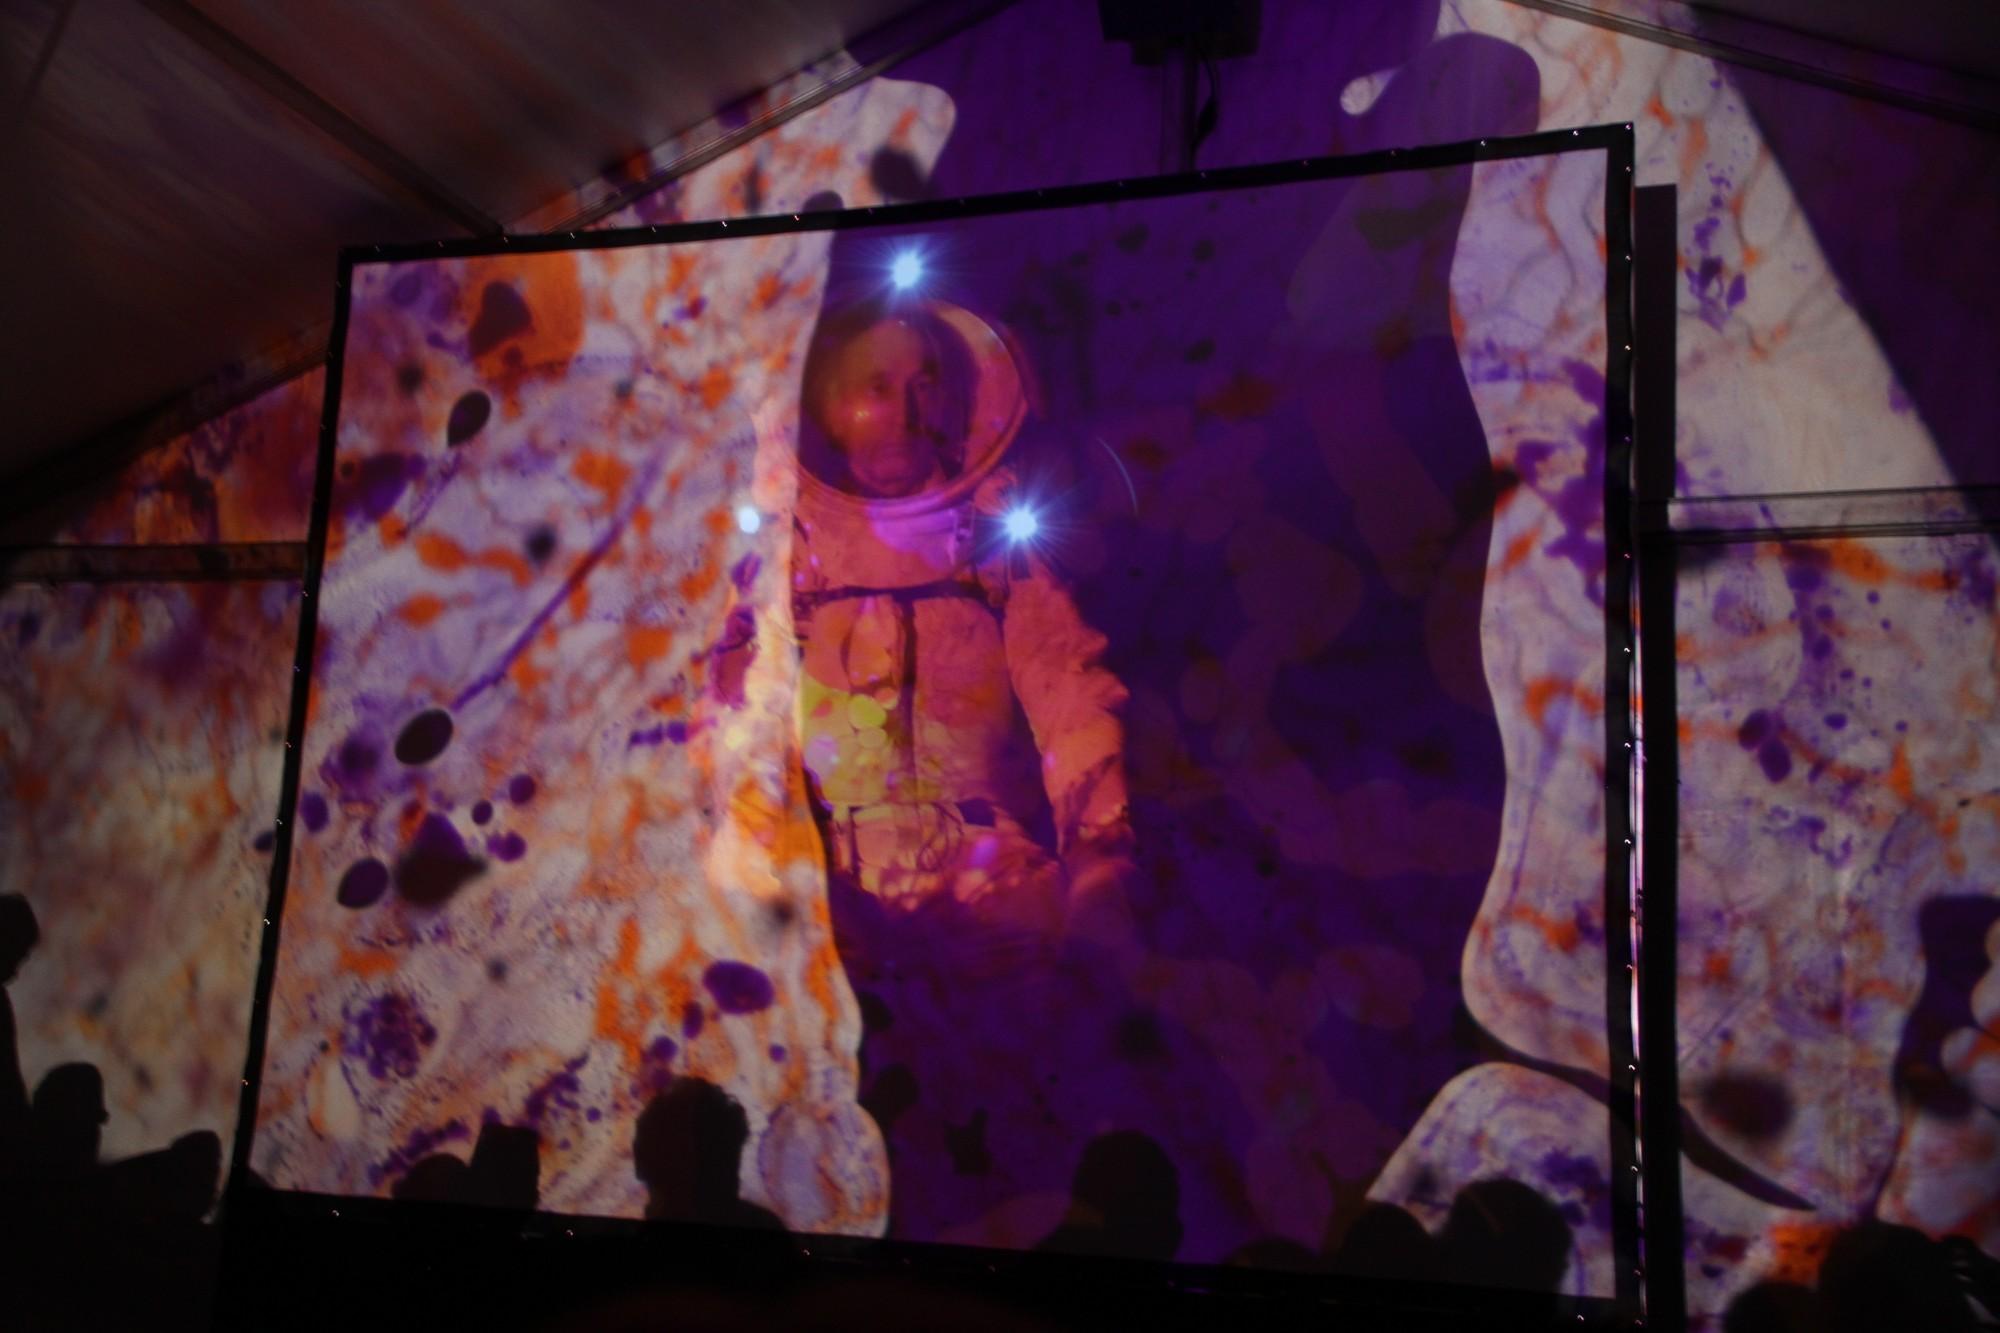 15 09 12 - 20h 57m 27s - auriol à la rencontre de l'espace r